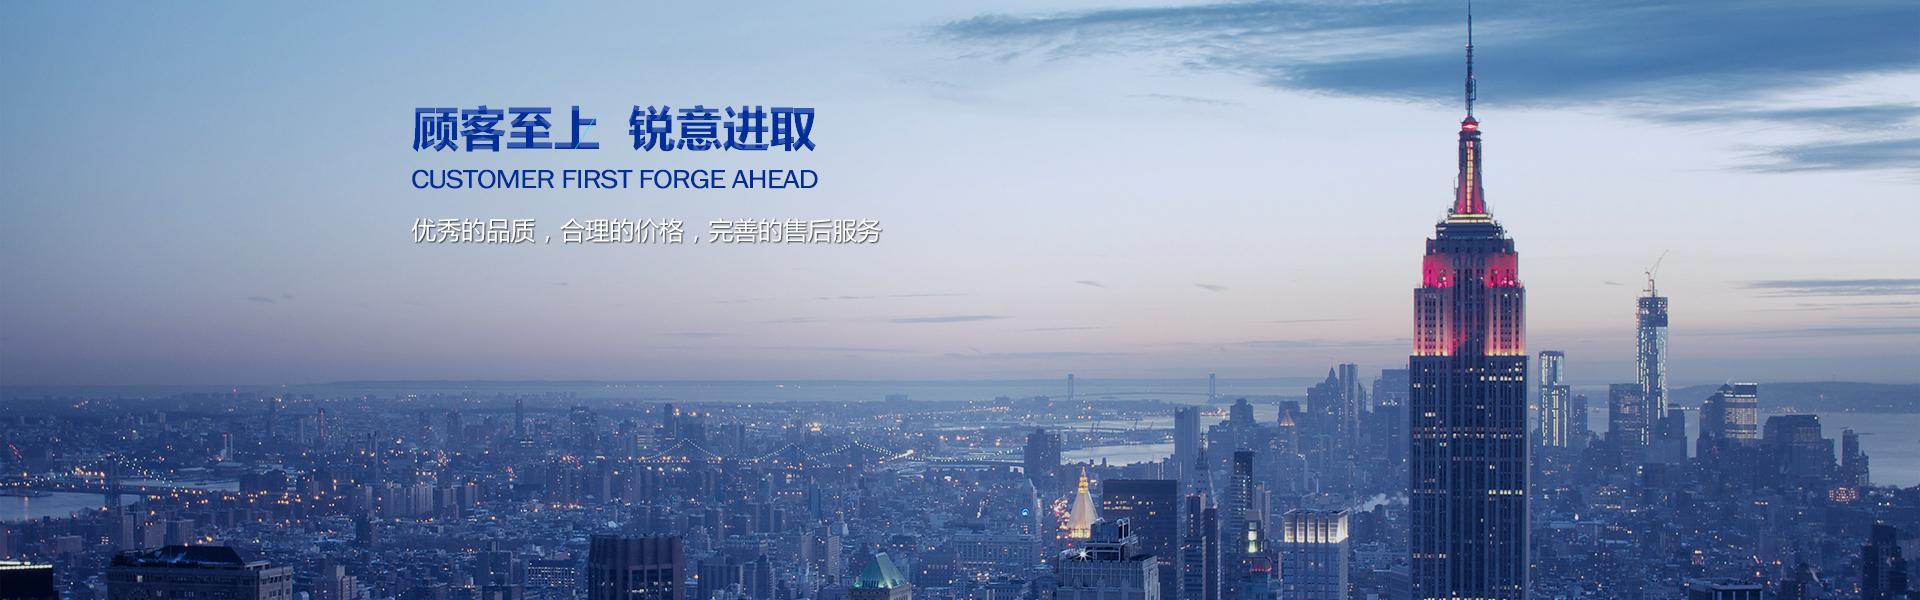 惠州市昌升科技有限公司,昌升科技,惠州自动化设备